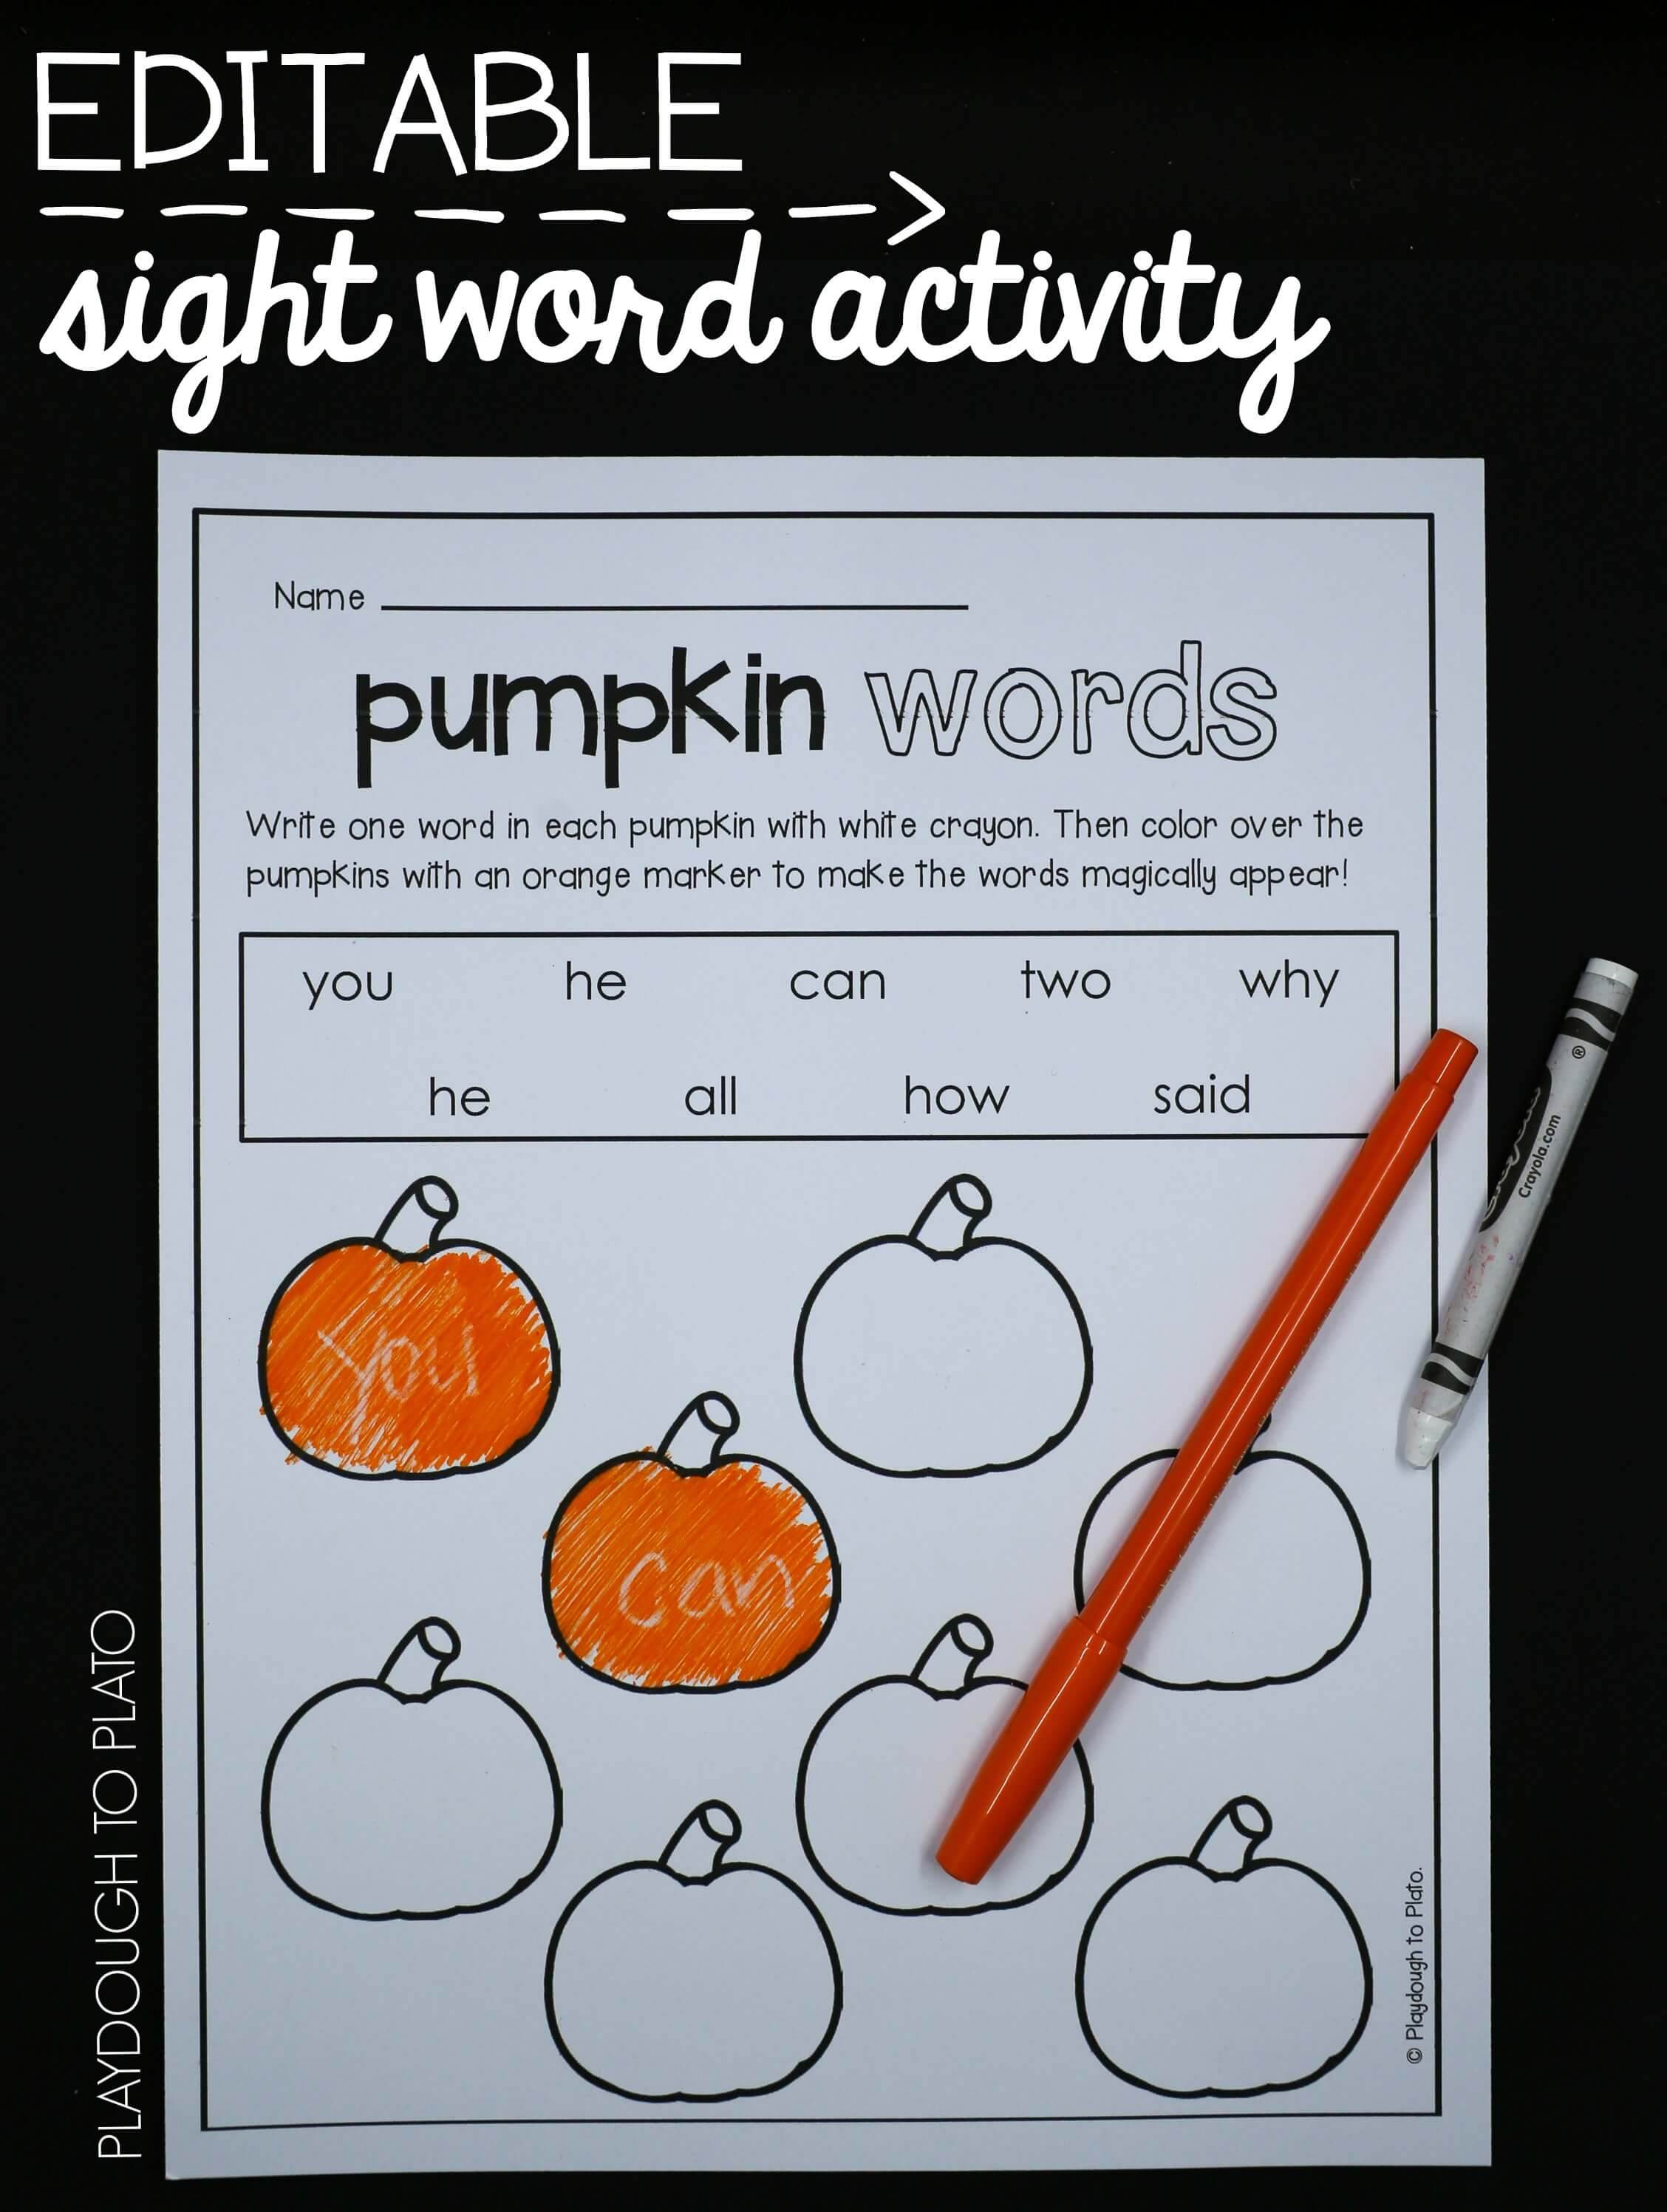 Pumpkin Activity Pack - Preschool and Kindergarten - Playdough To Plato